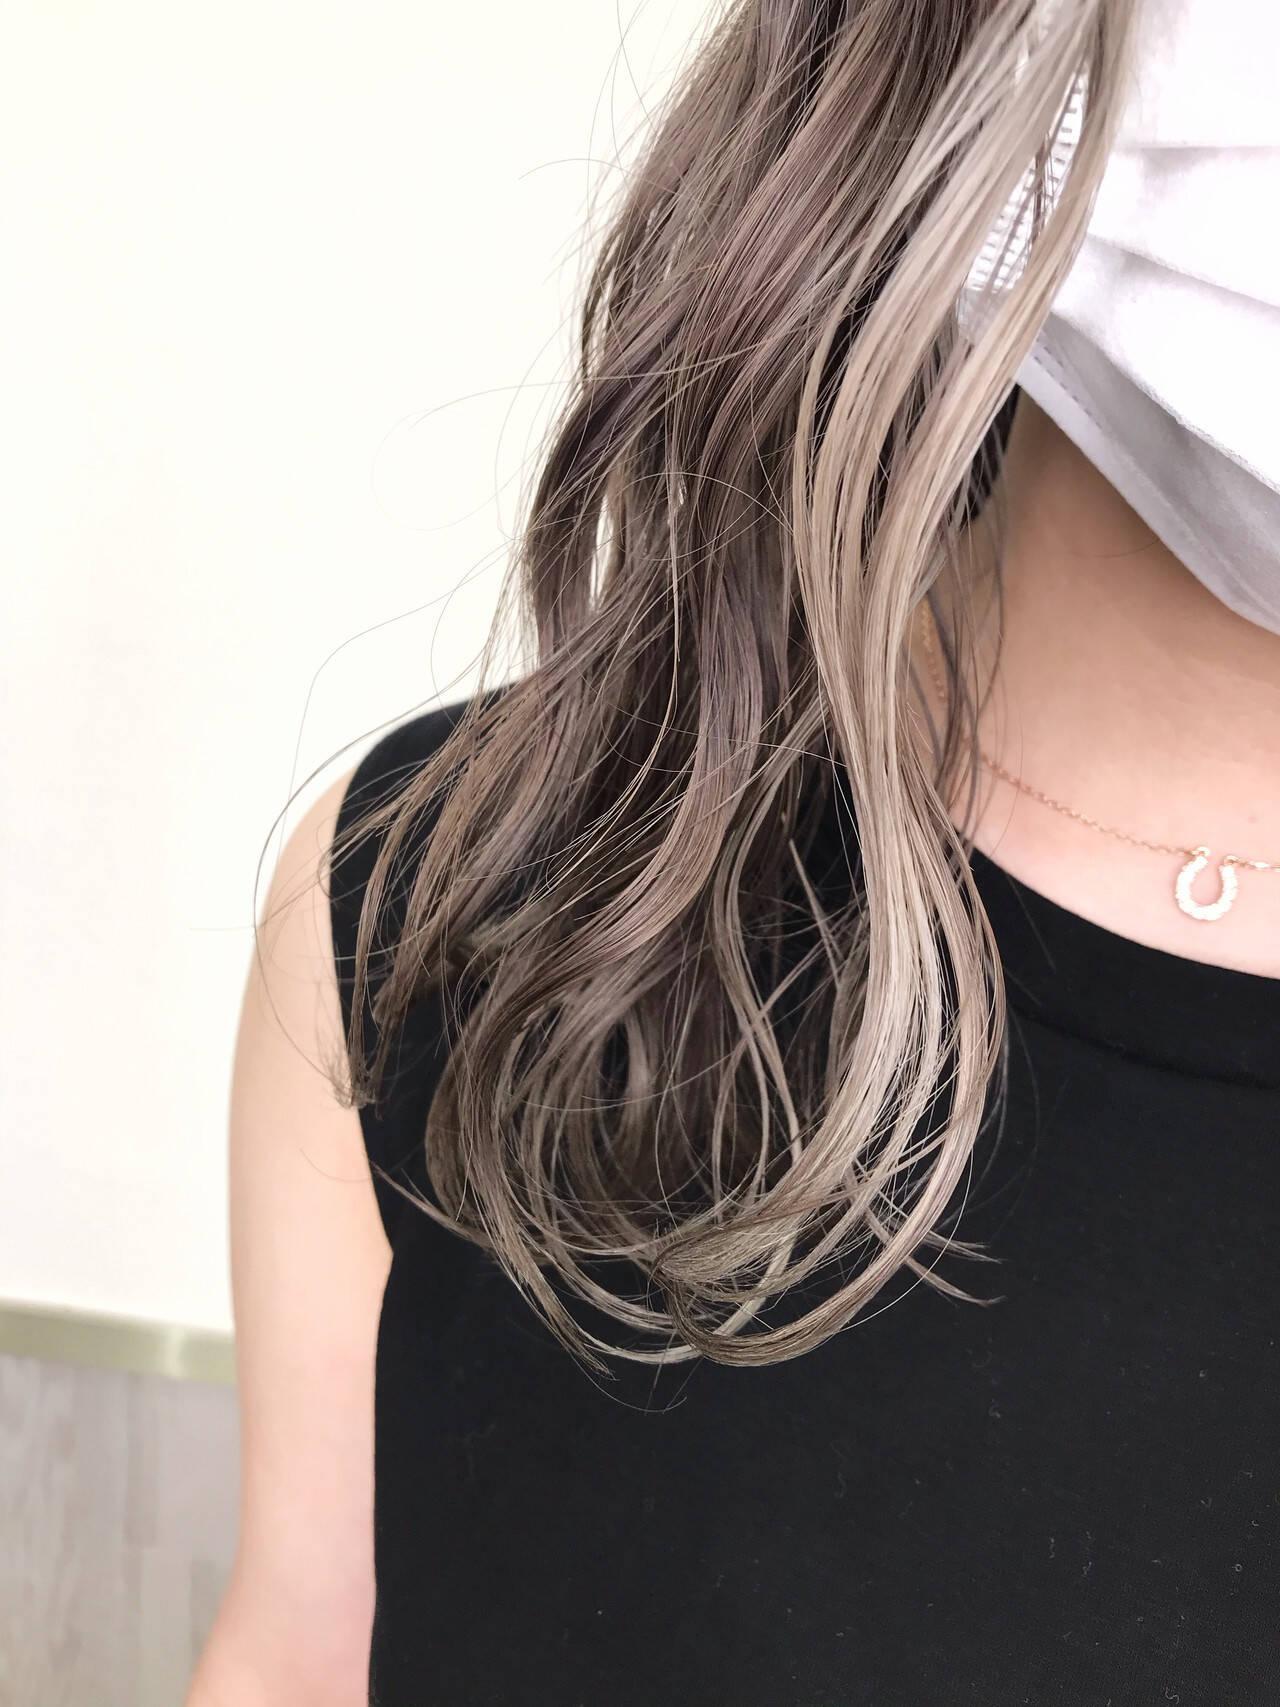 プラチナブロンド グレージュ インナーカラー ハイライトヘアスタイルや髪型の写真・画像